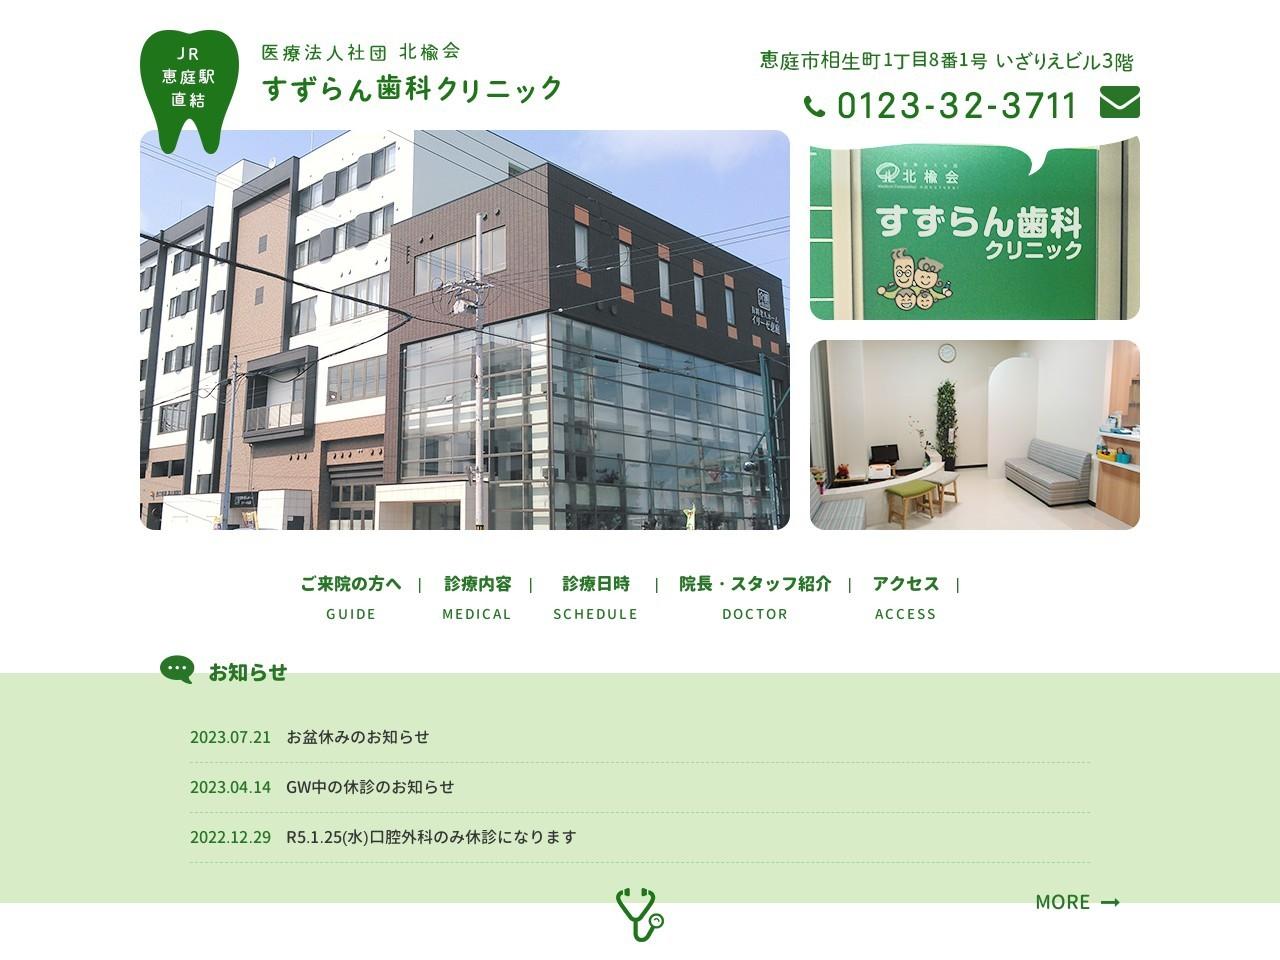 医療法人社団北楡会  すずらん歯科クリニック (北海道恵庭市)